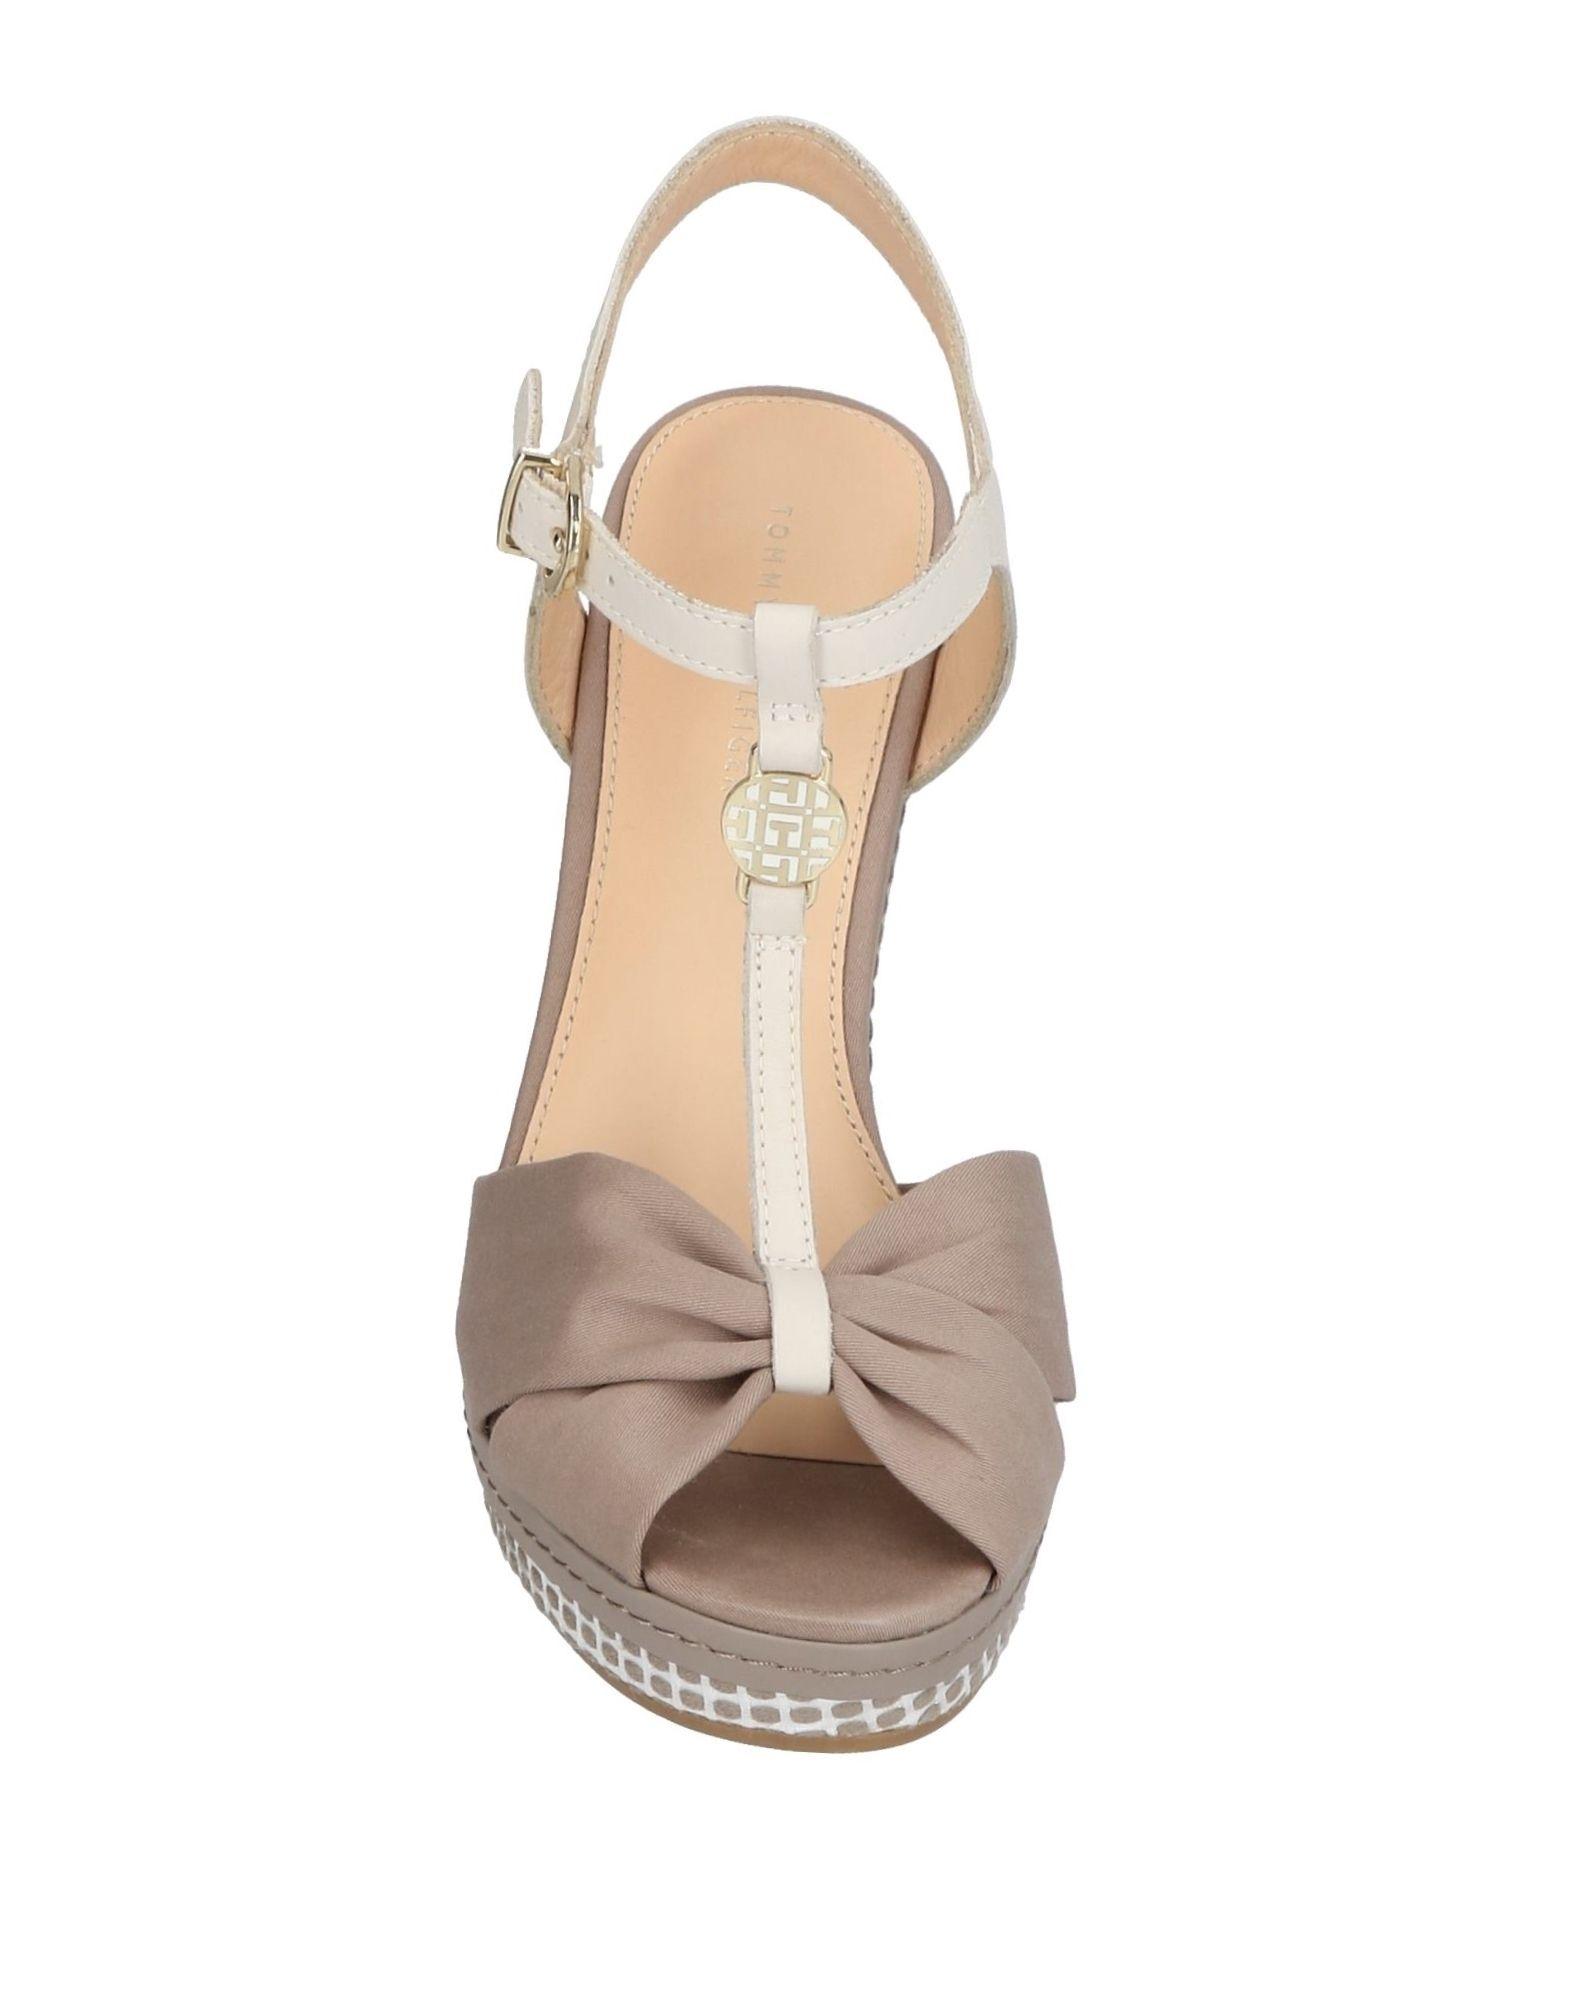 Tommy Hilfiger Sandalen Damen  11280955TF Gute Qualität beliebte Schuhe